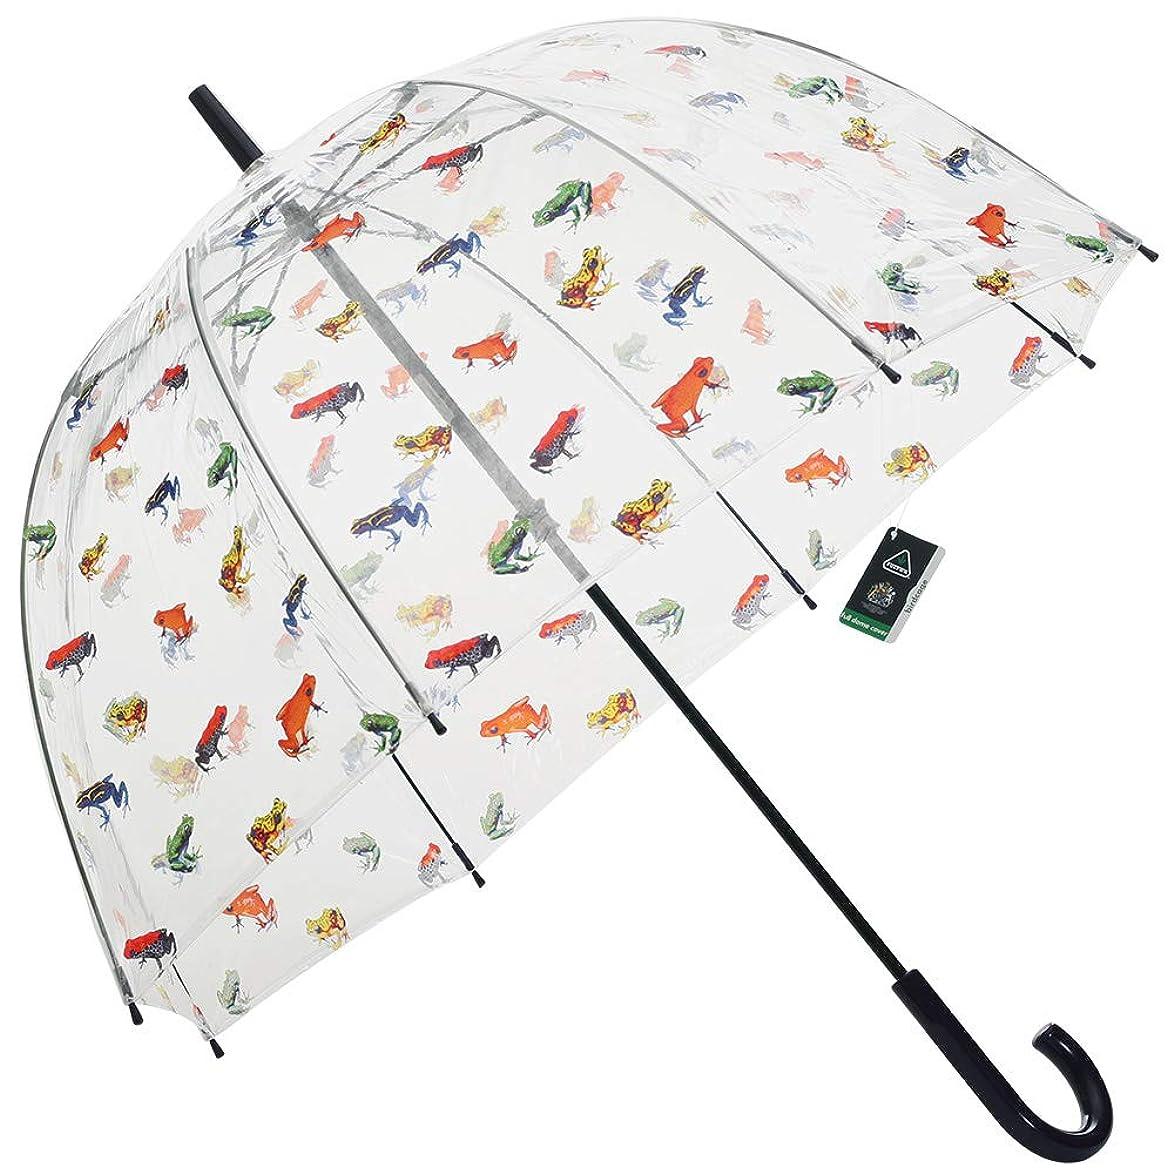 倒産ウォルターカニンガムトランスミッション[フルトン] FULTON ビニール傘 長傘 レディース傘 雨傘 バードケージ インザパンドゥ Birdcage-2 In The Pond L042 033630 [並行輸入品]